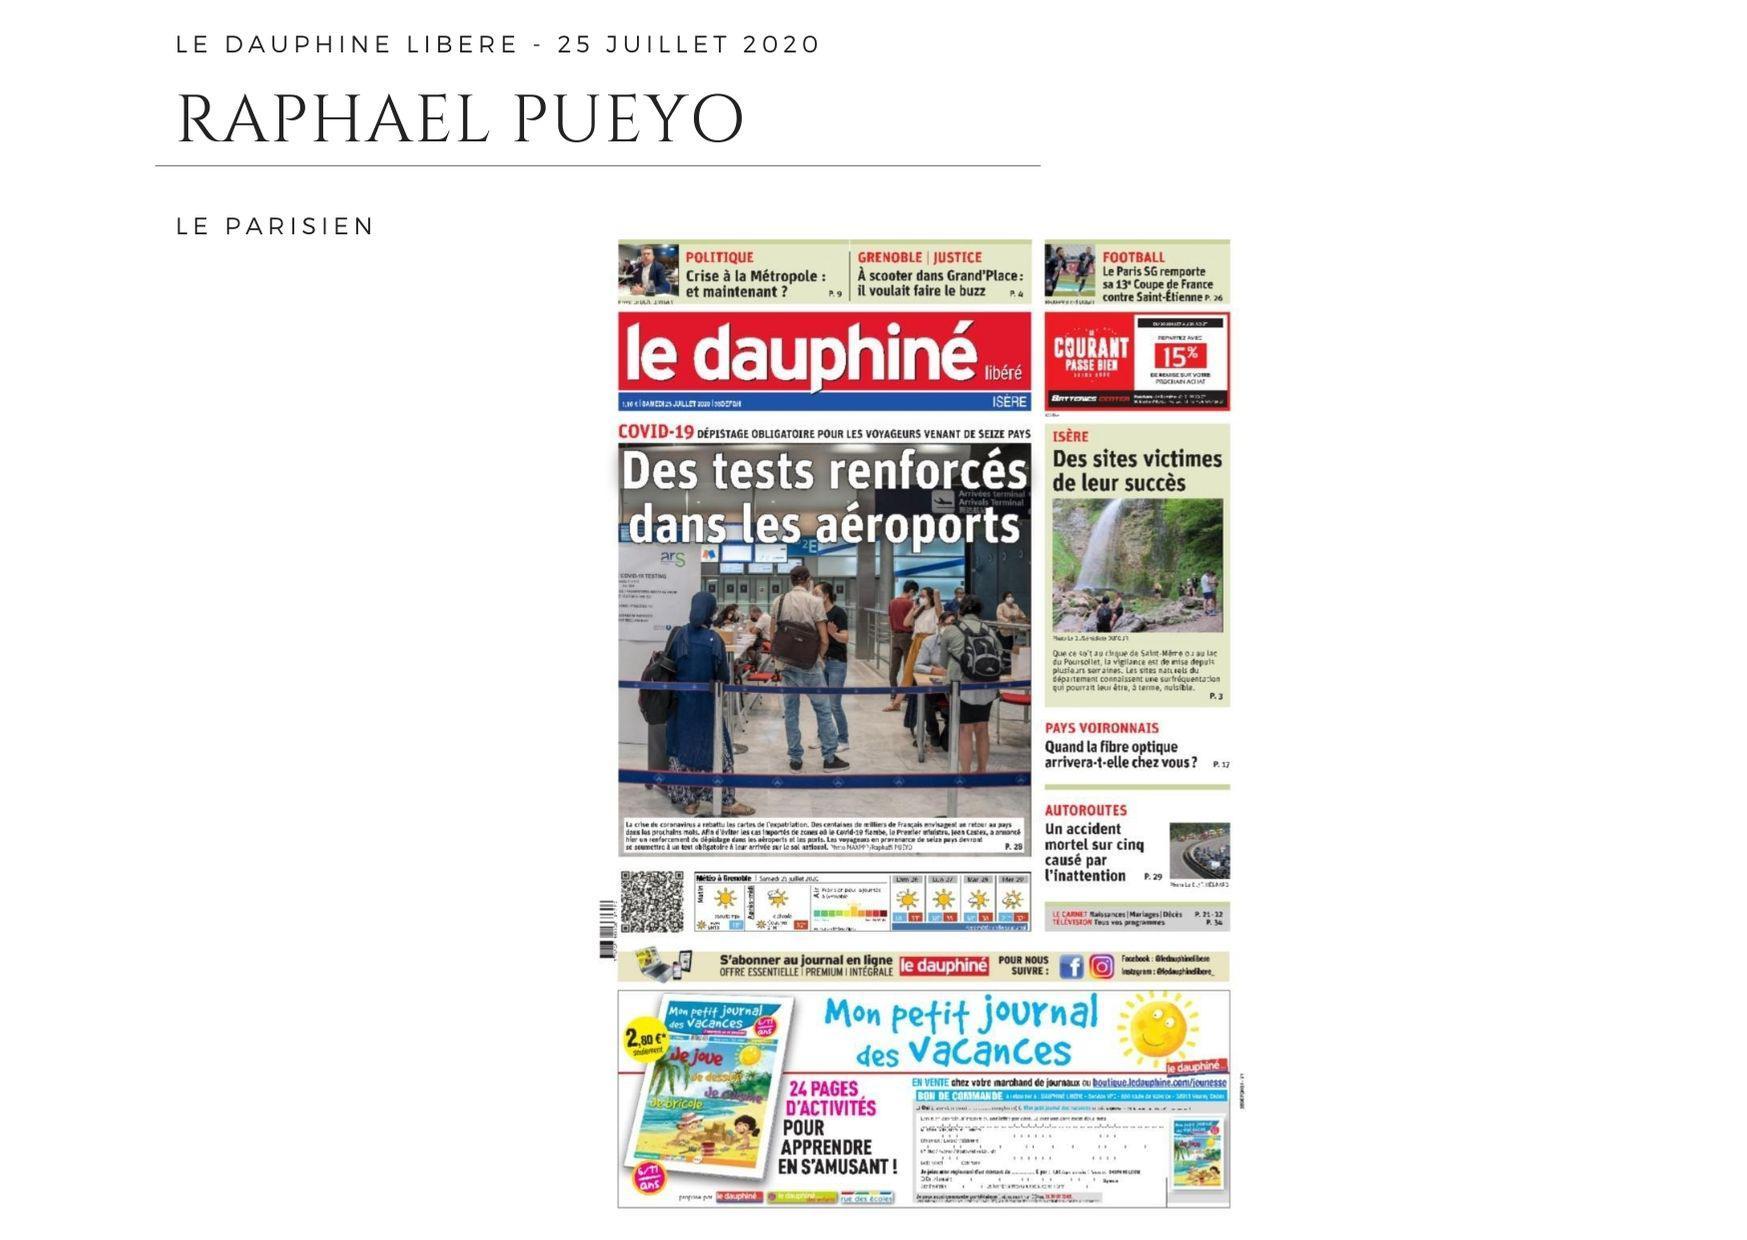 Le Dauphiné Libéré - 25 juillet 2020